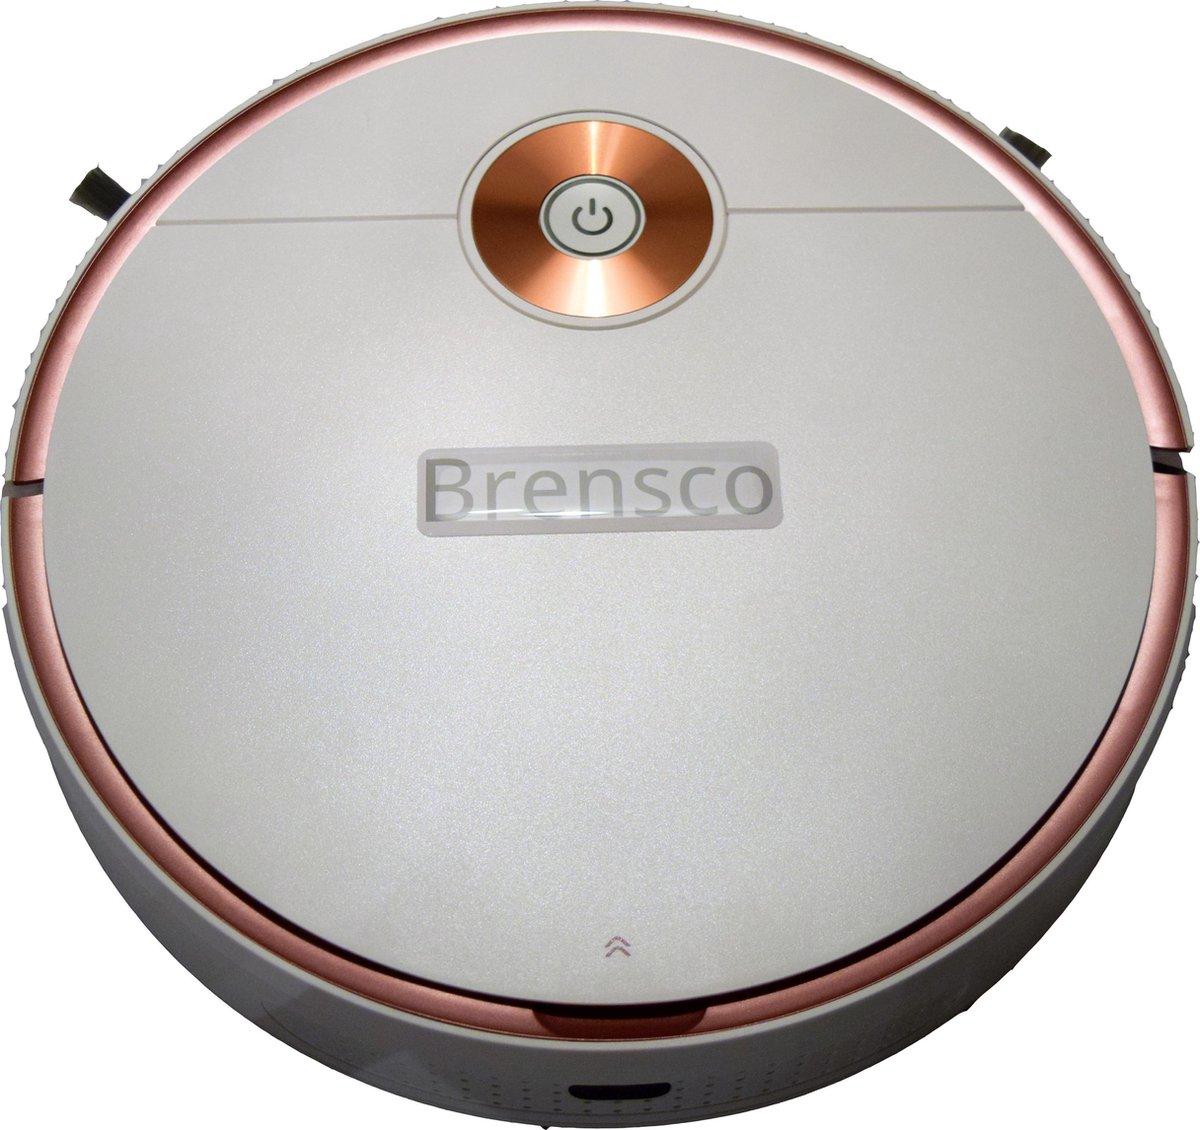 Brensco BR6 - Robotstofzuiger met dweilfunctie